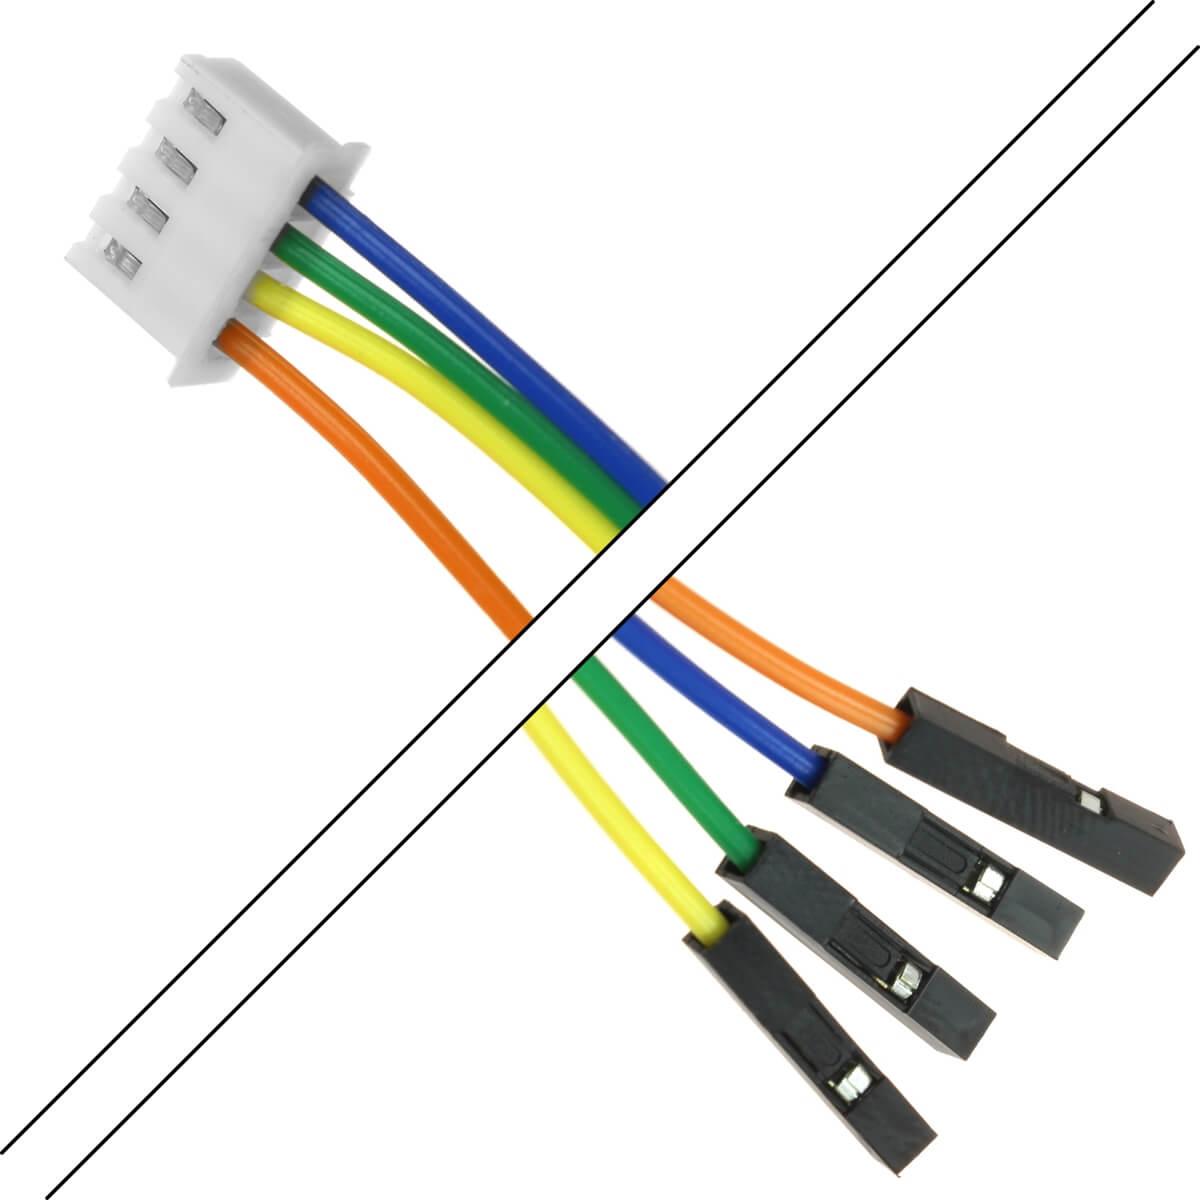 Câble XH 2.54mm Femelle / 2.54mm Standard Femelle 2 Connecteurs 4 pôles 15cm